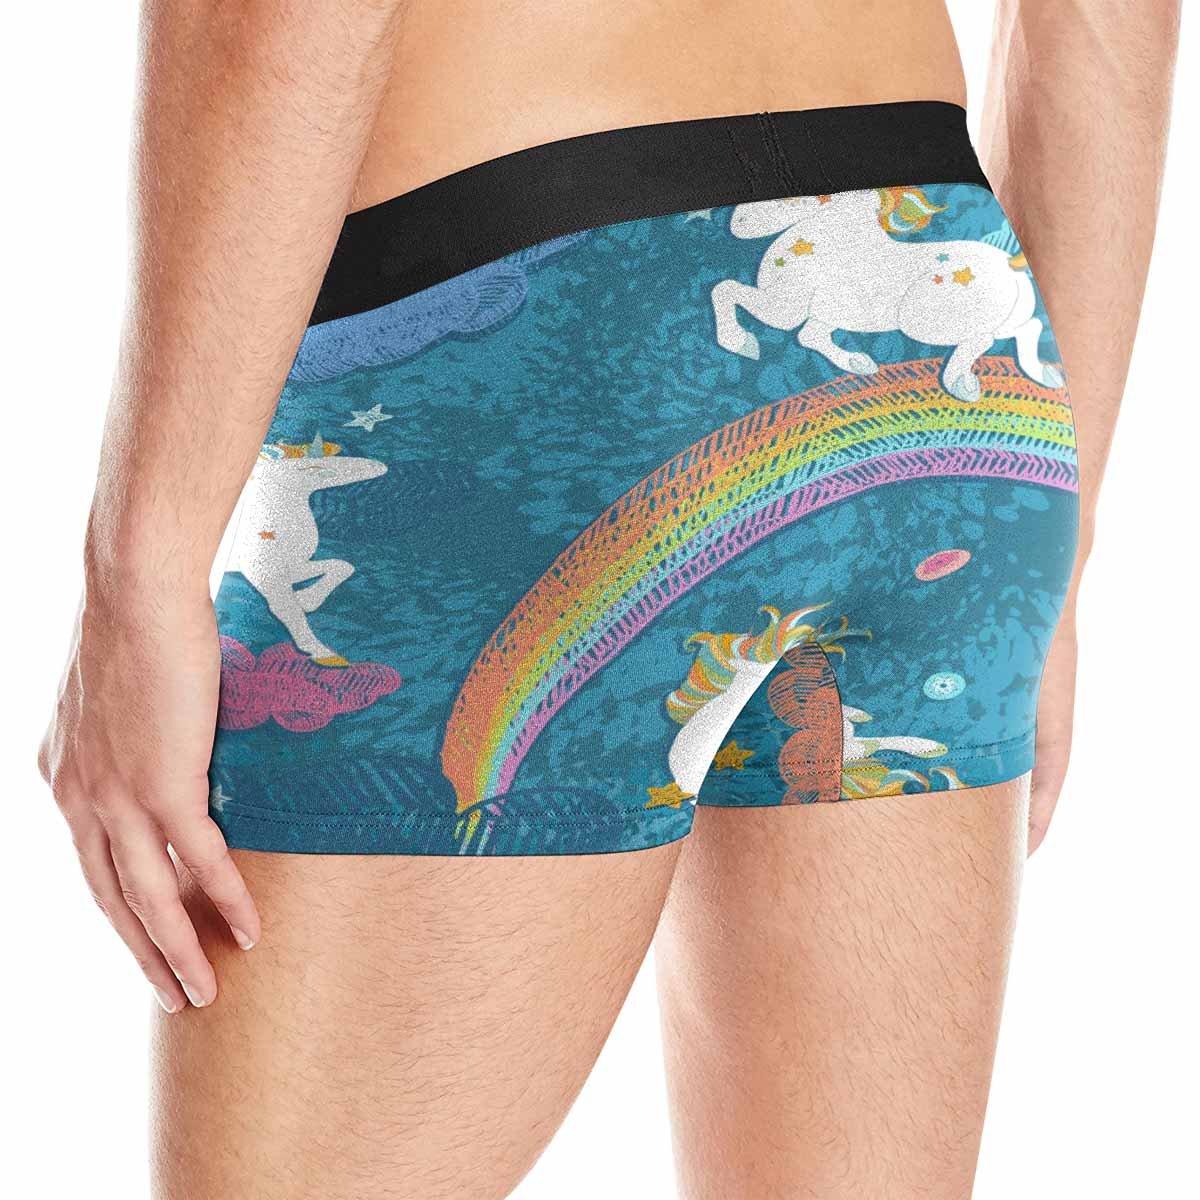 INTERESTPRINT Mens Boxer Briefs Underwear Patterns with Cute Baby Unicorns XS-3XL